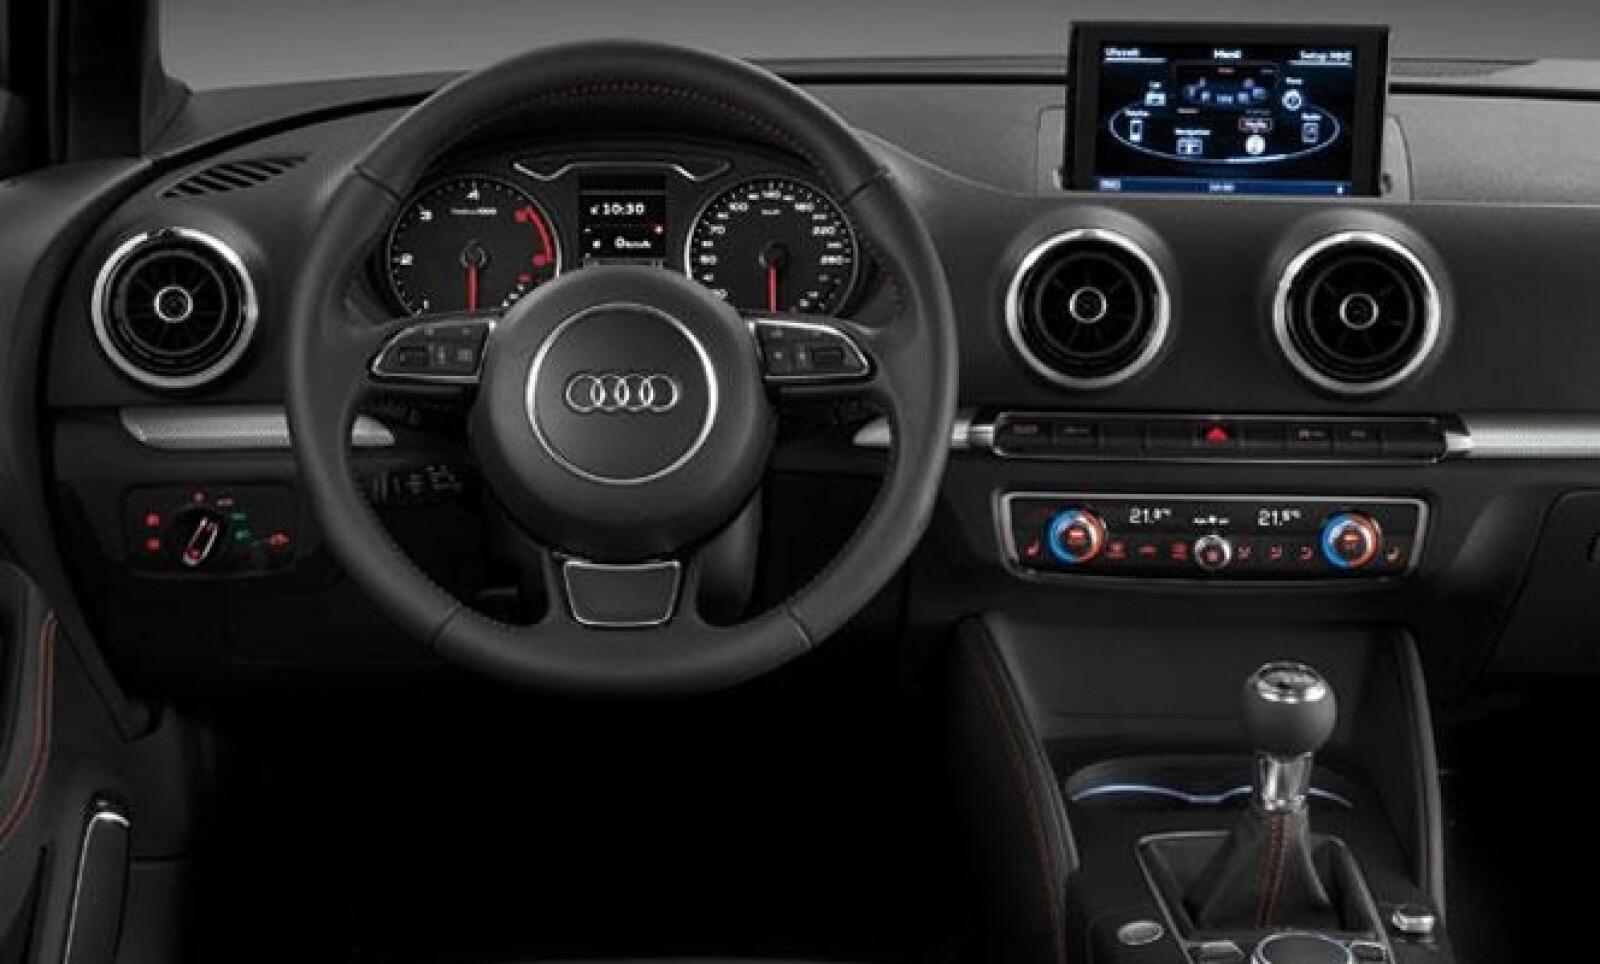 Además el vehículo cuenta con conexión por Bluetooth y sistema de sonido Bang and Olufsen entre otros elementos.